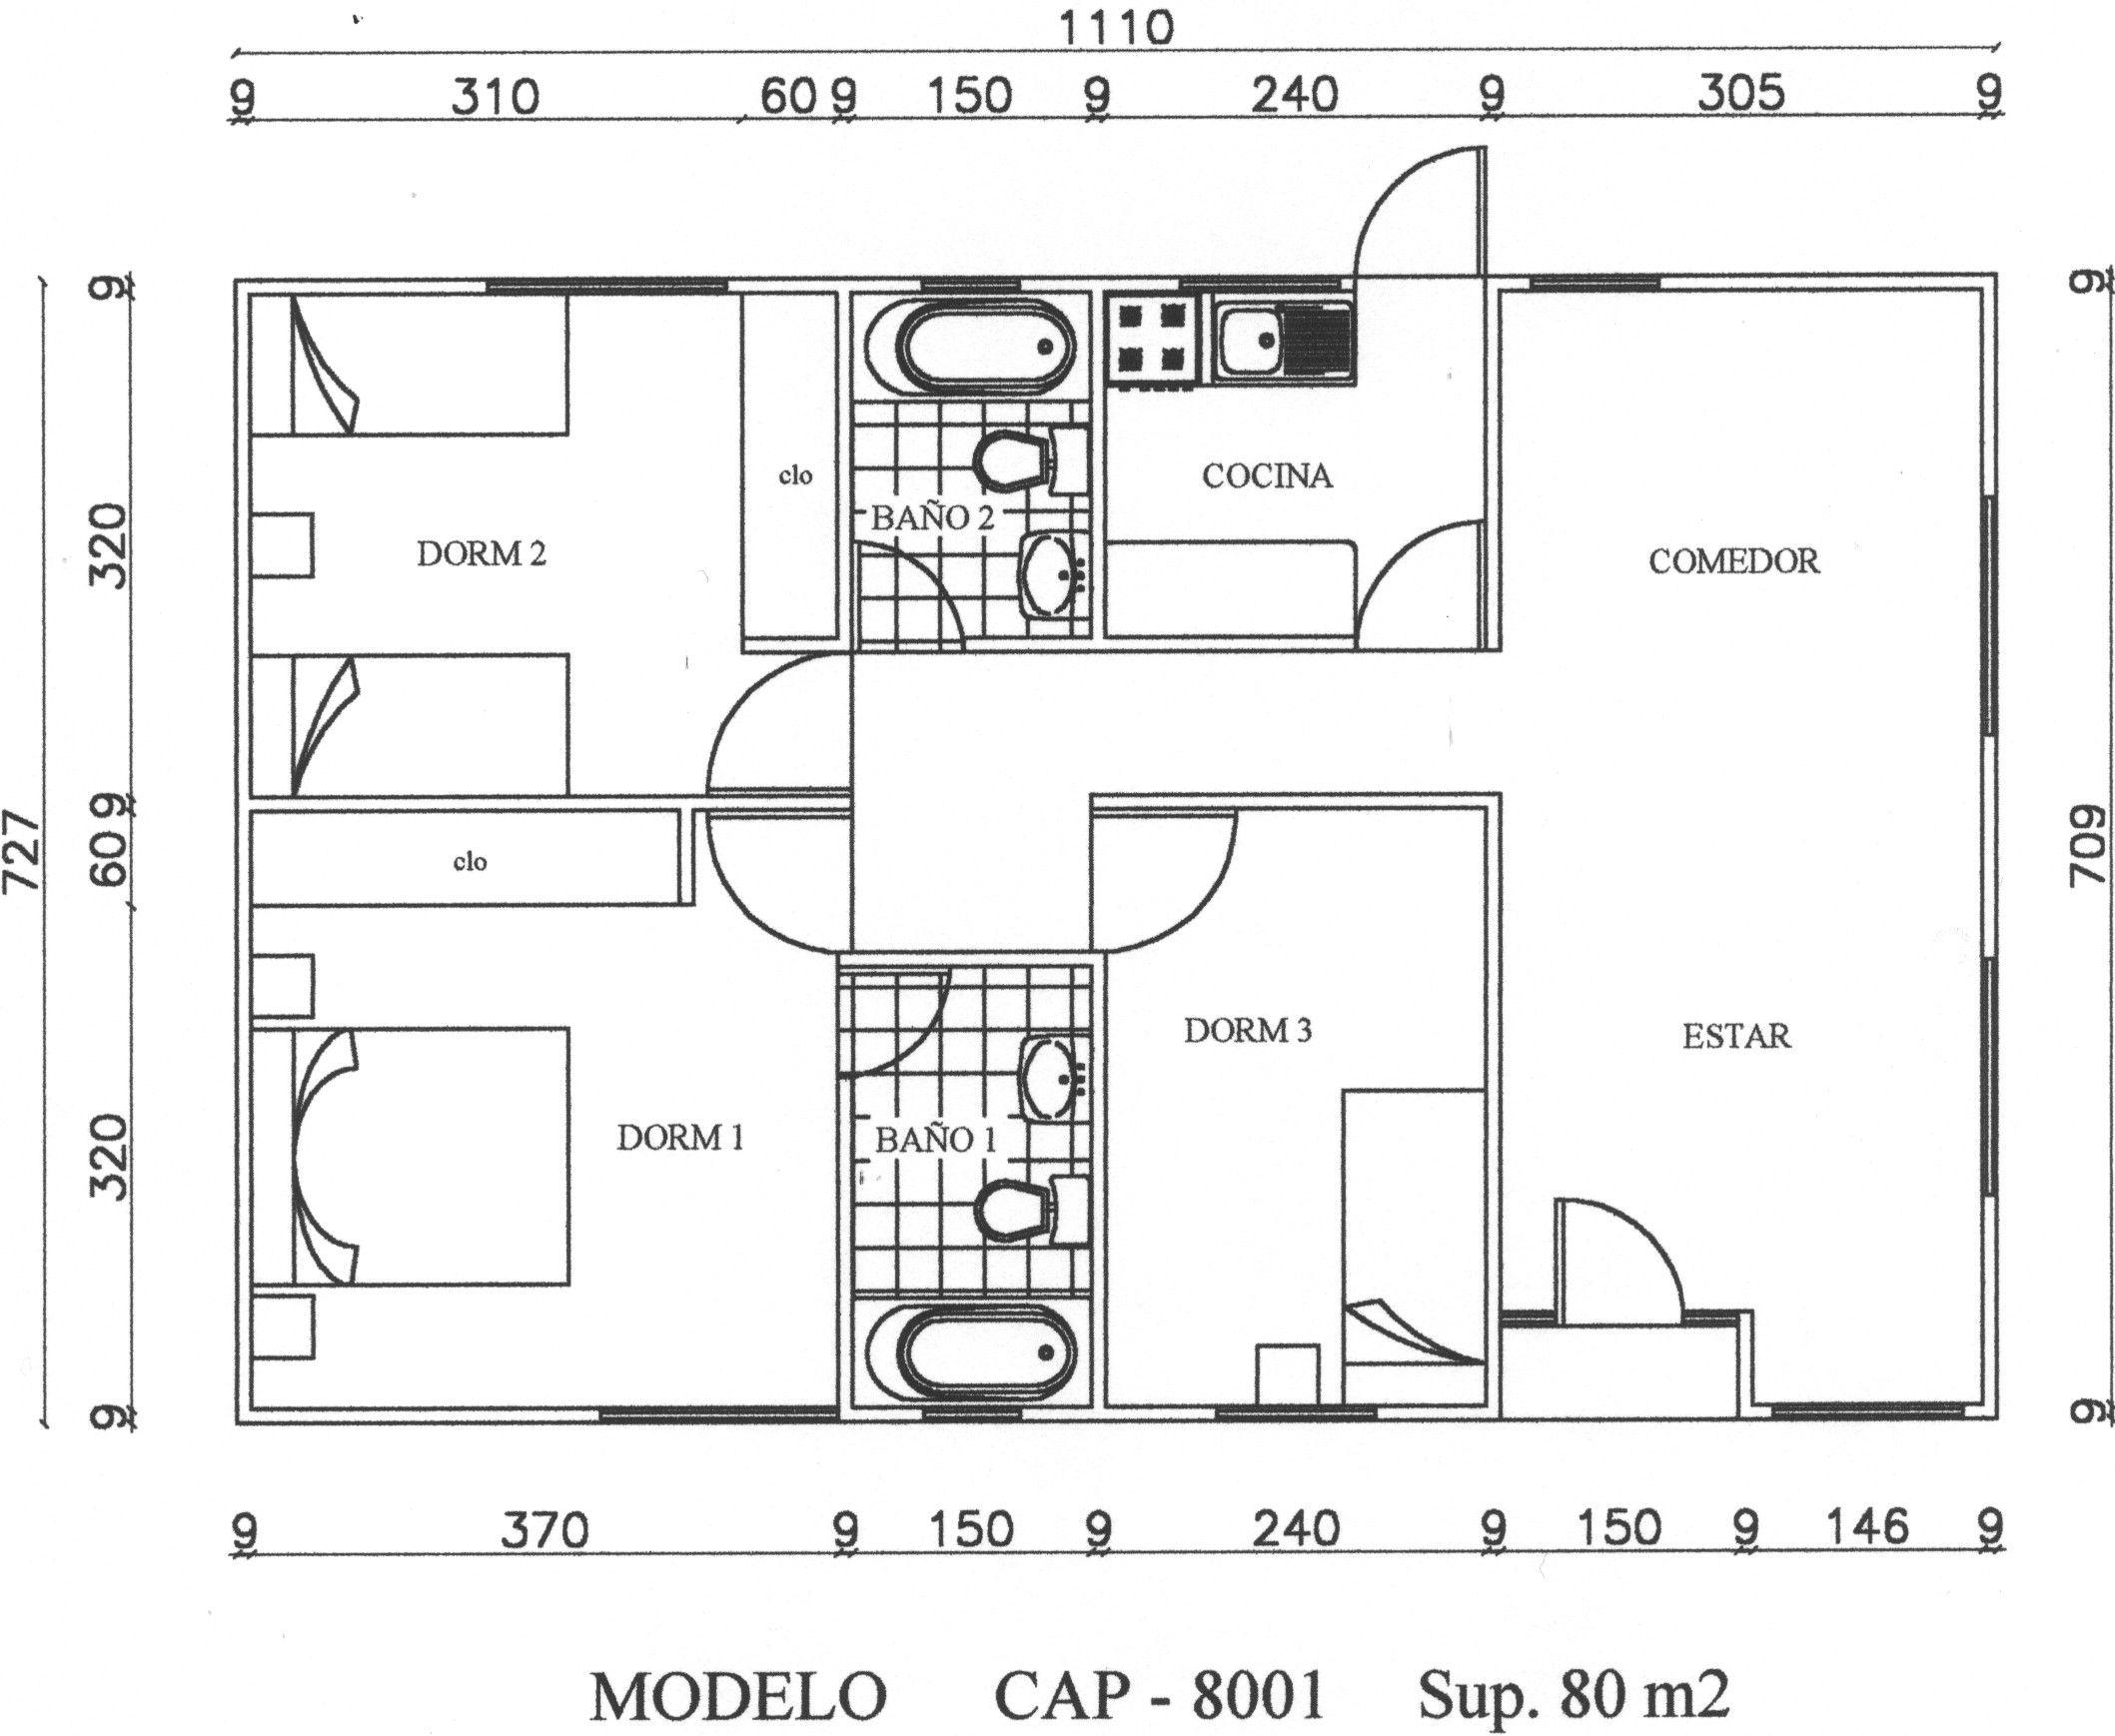 Plano casa 60 m2 3 habitaciones prefabricada buscar con - Plano piso 50 metros ...